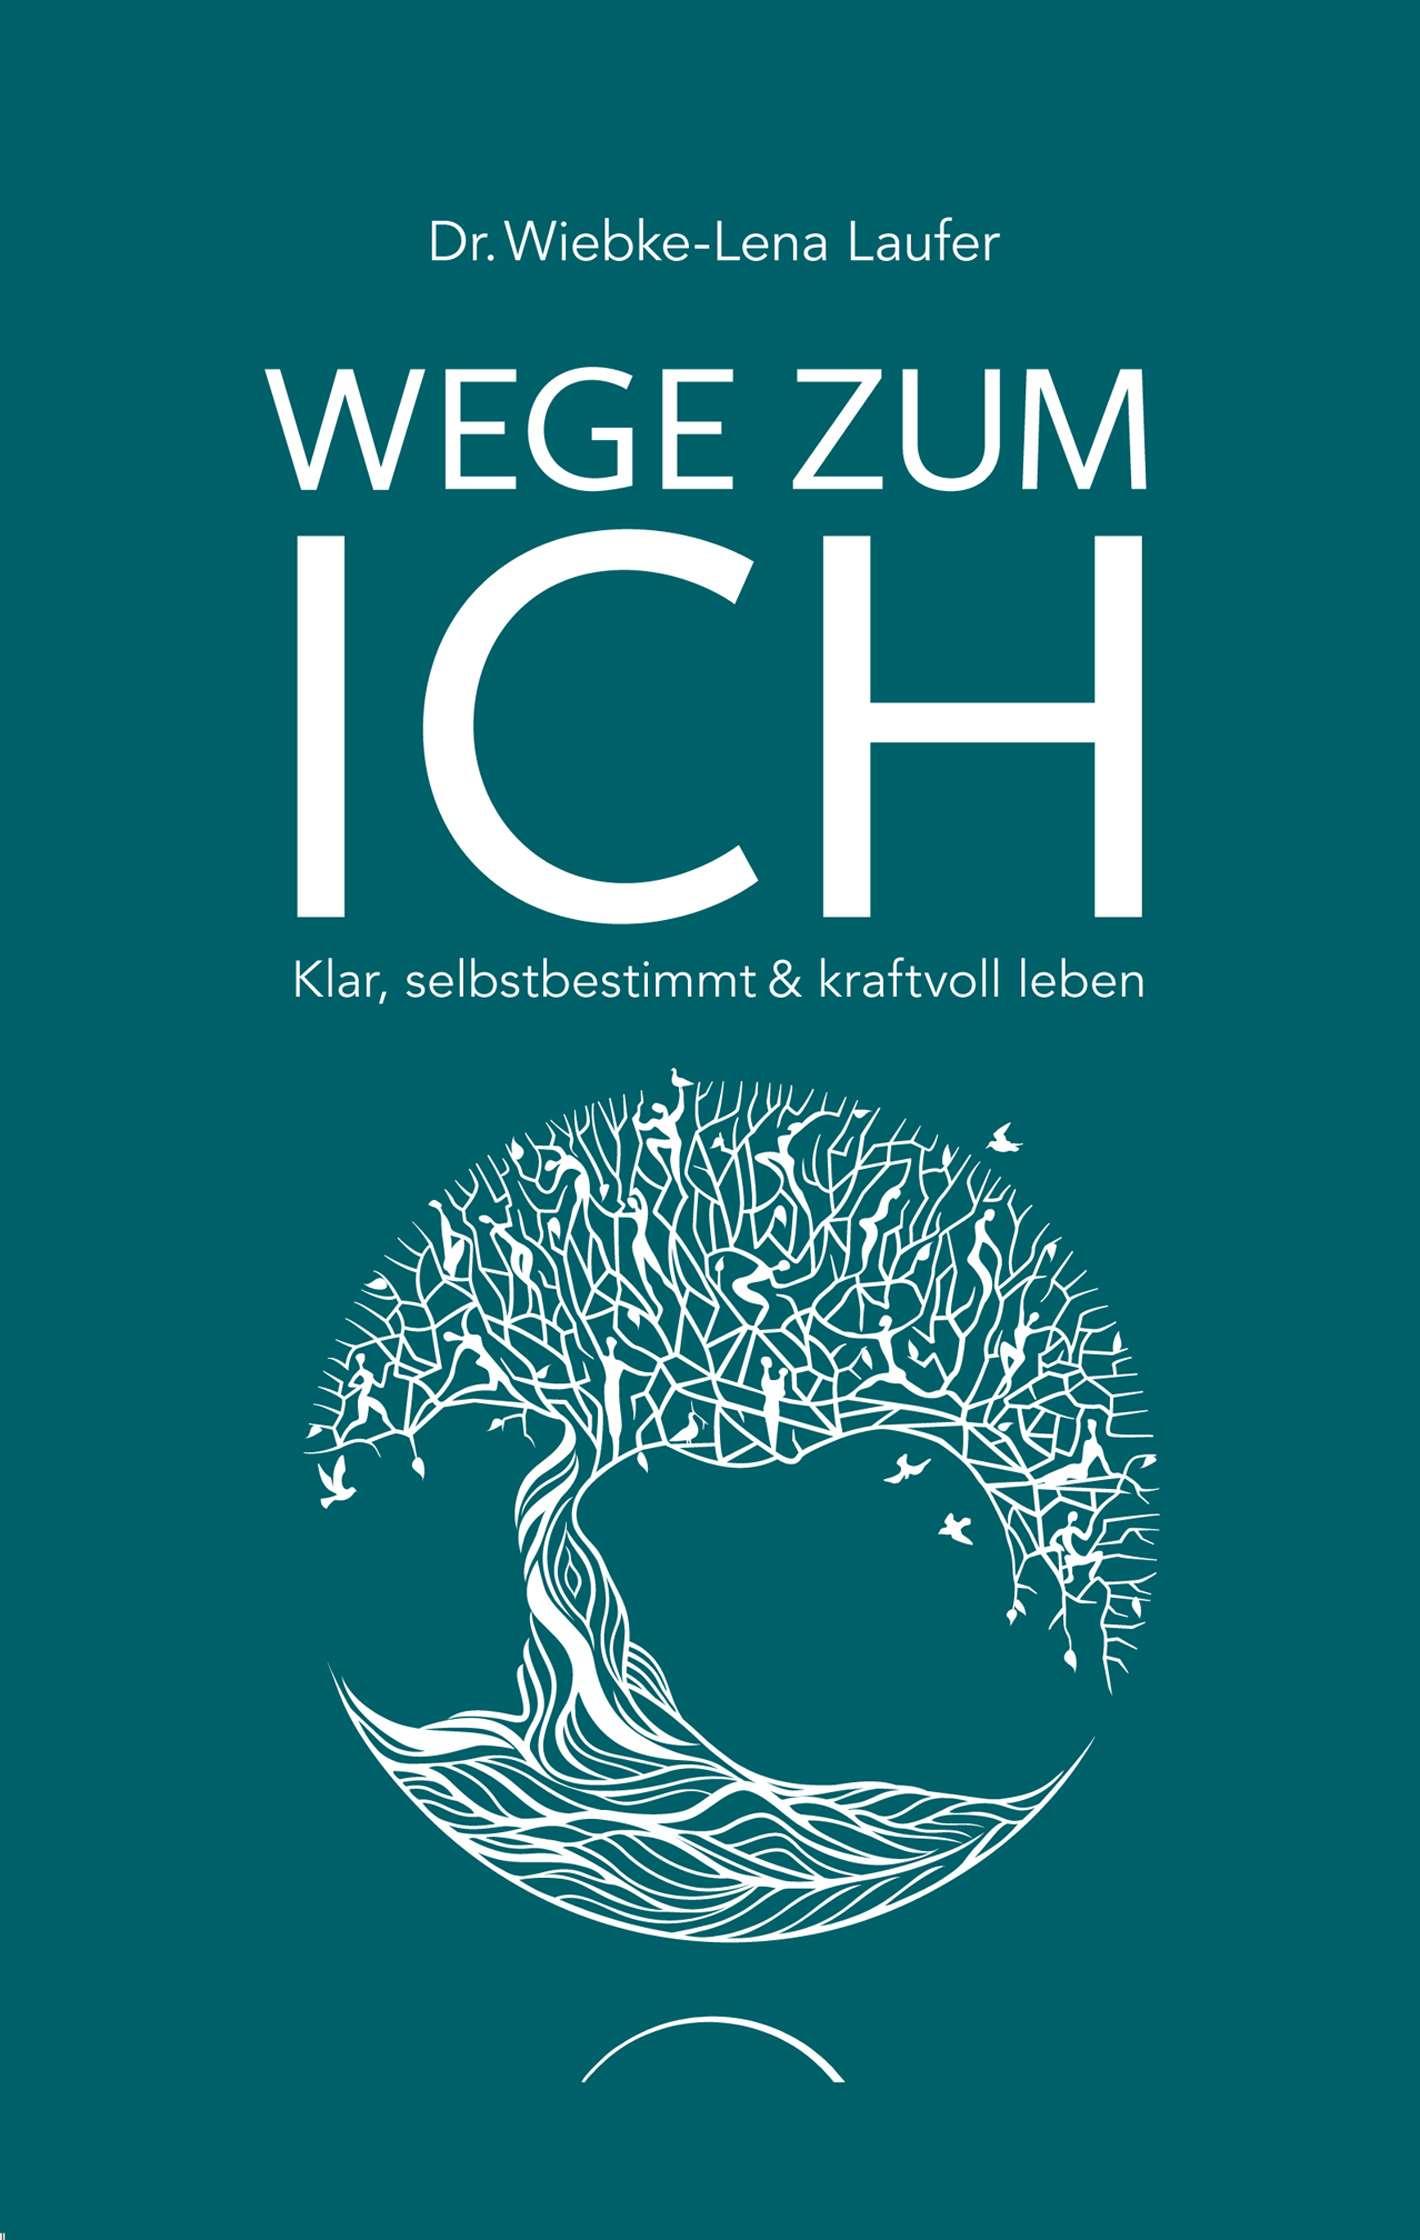 """""""Wege zum Ich"""" von Wiebke-Lena Laufer © kamphausen Yogannetteblog.de"""